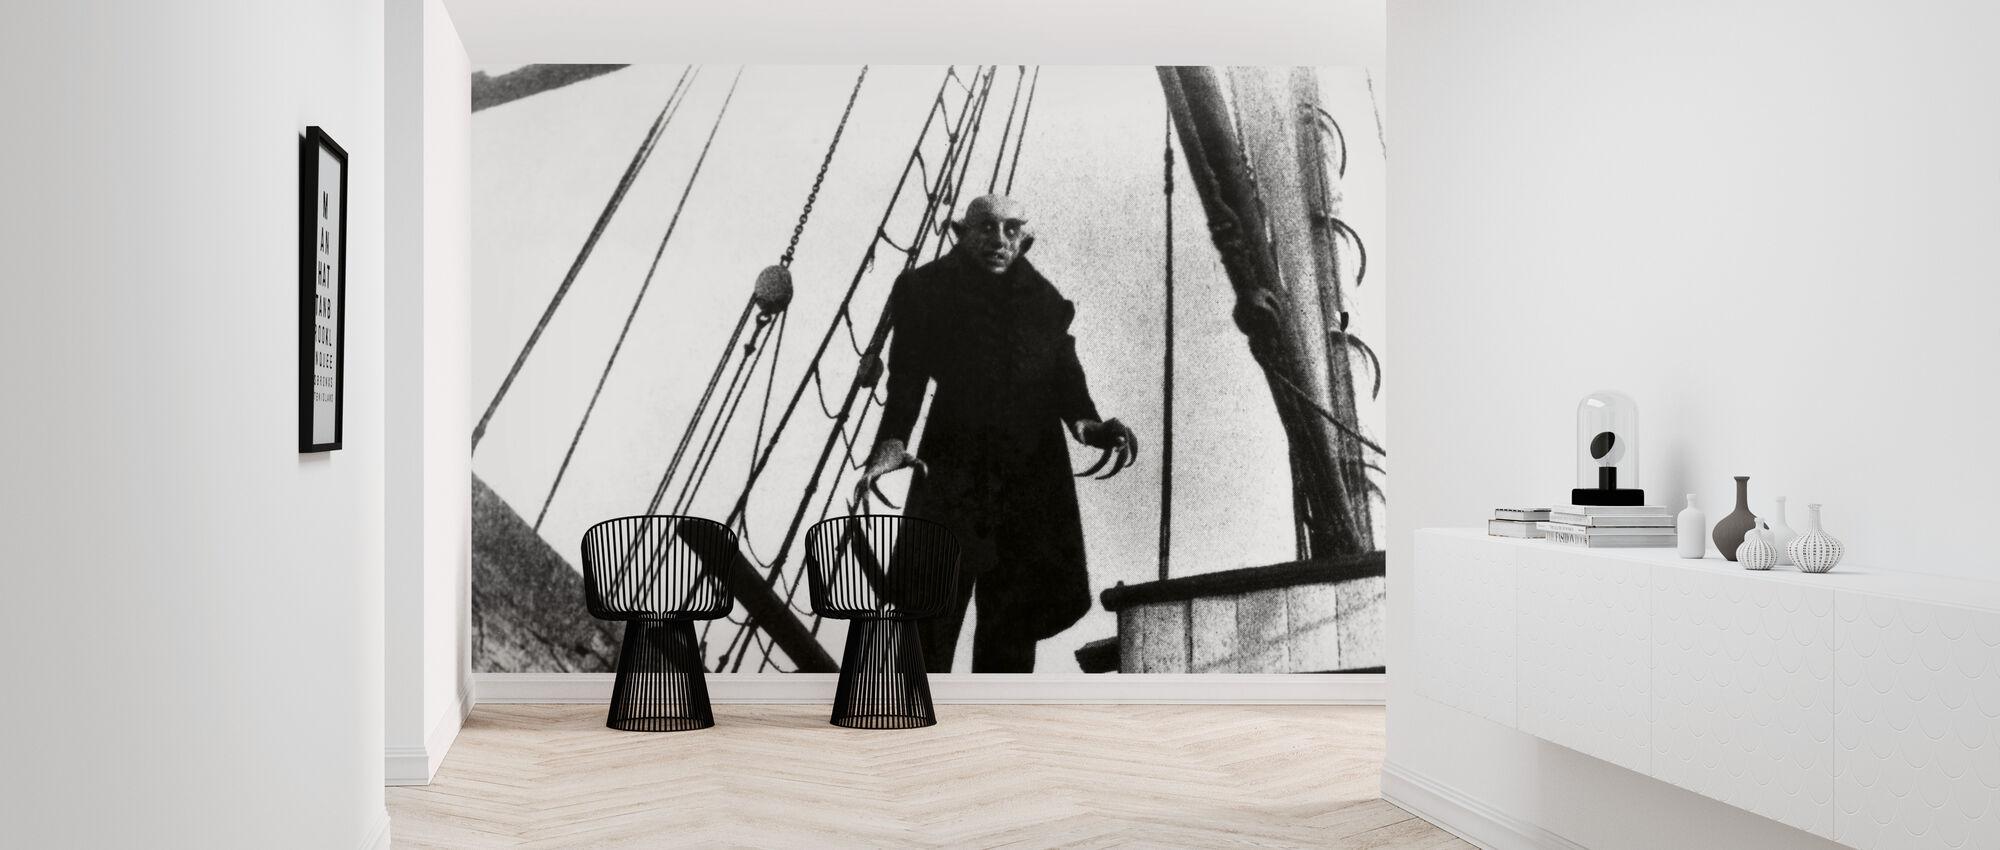 Max Schreck in Nosferatu the Vampire - Wallpaper - Hallway